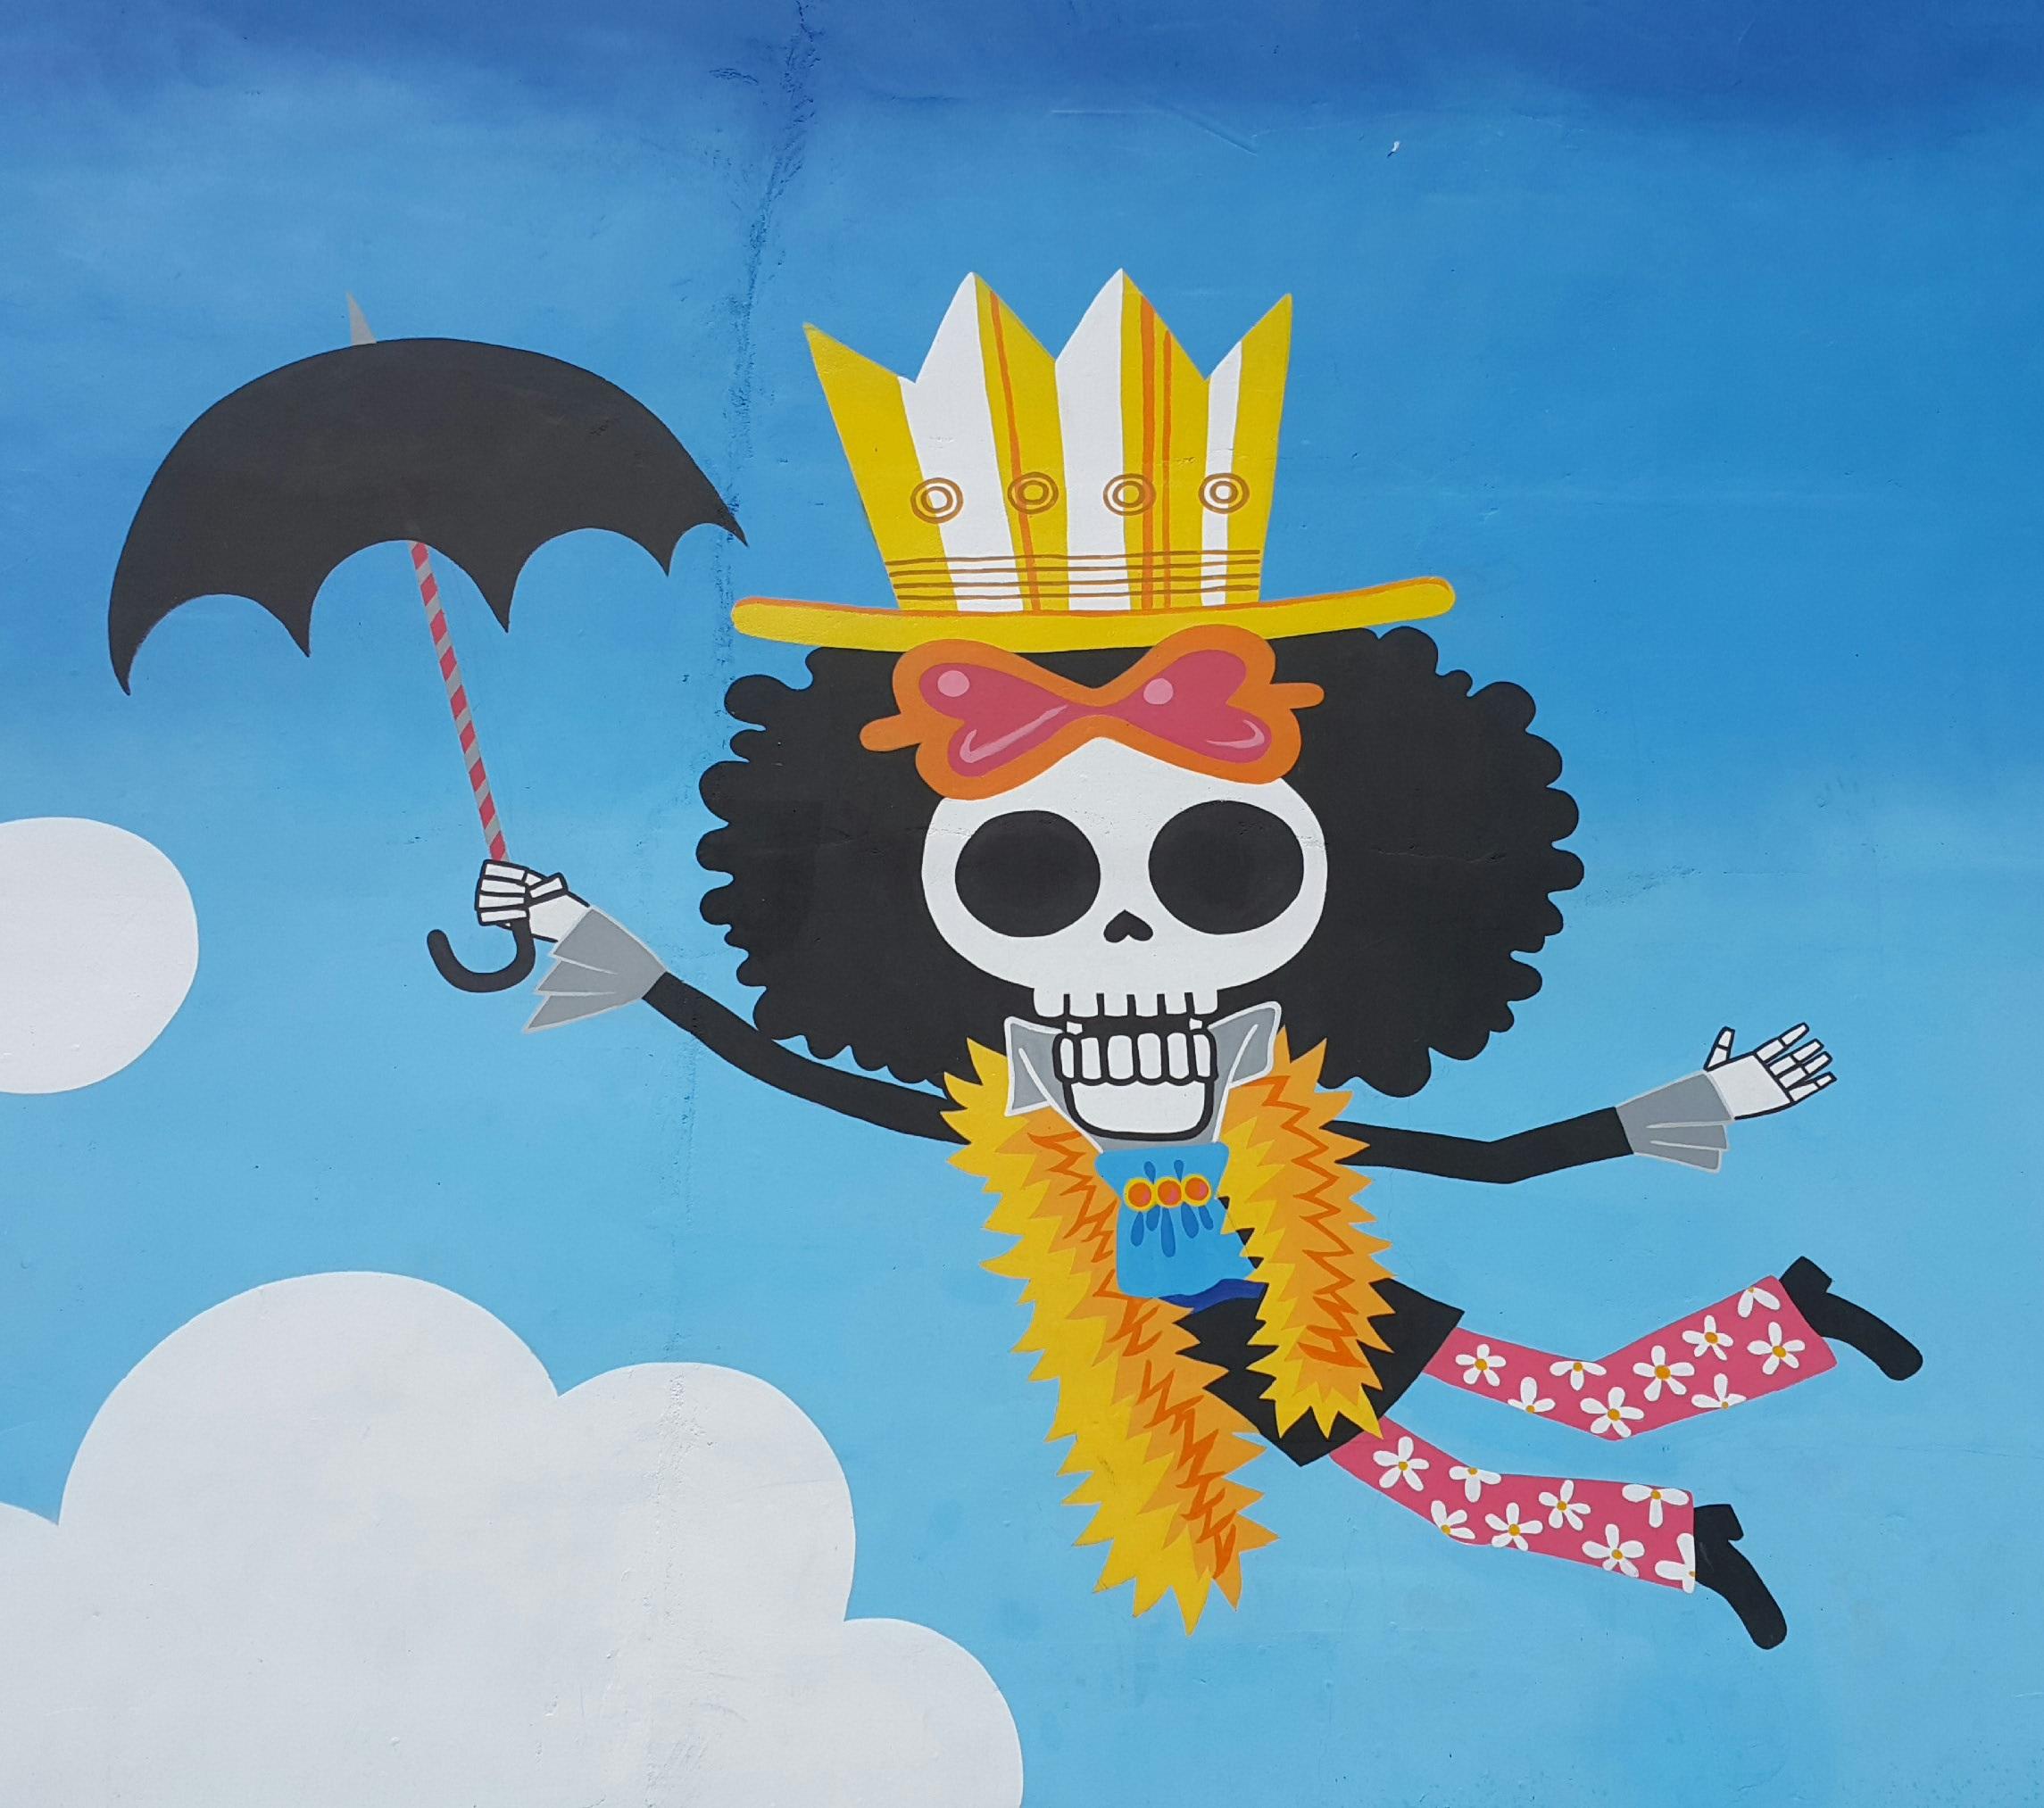 Caravera, parapluie, collante, clown, mouche - Fonds d'écran HD - Professor-falken.com